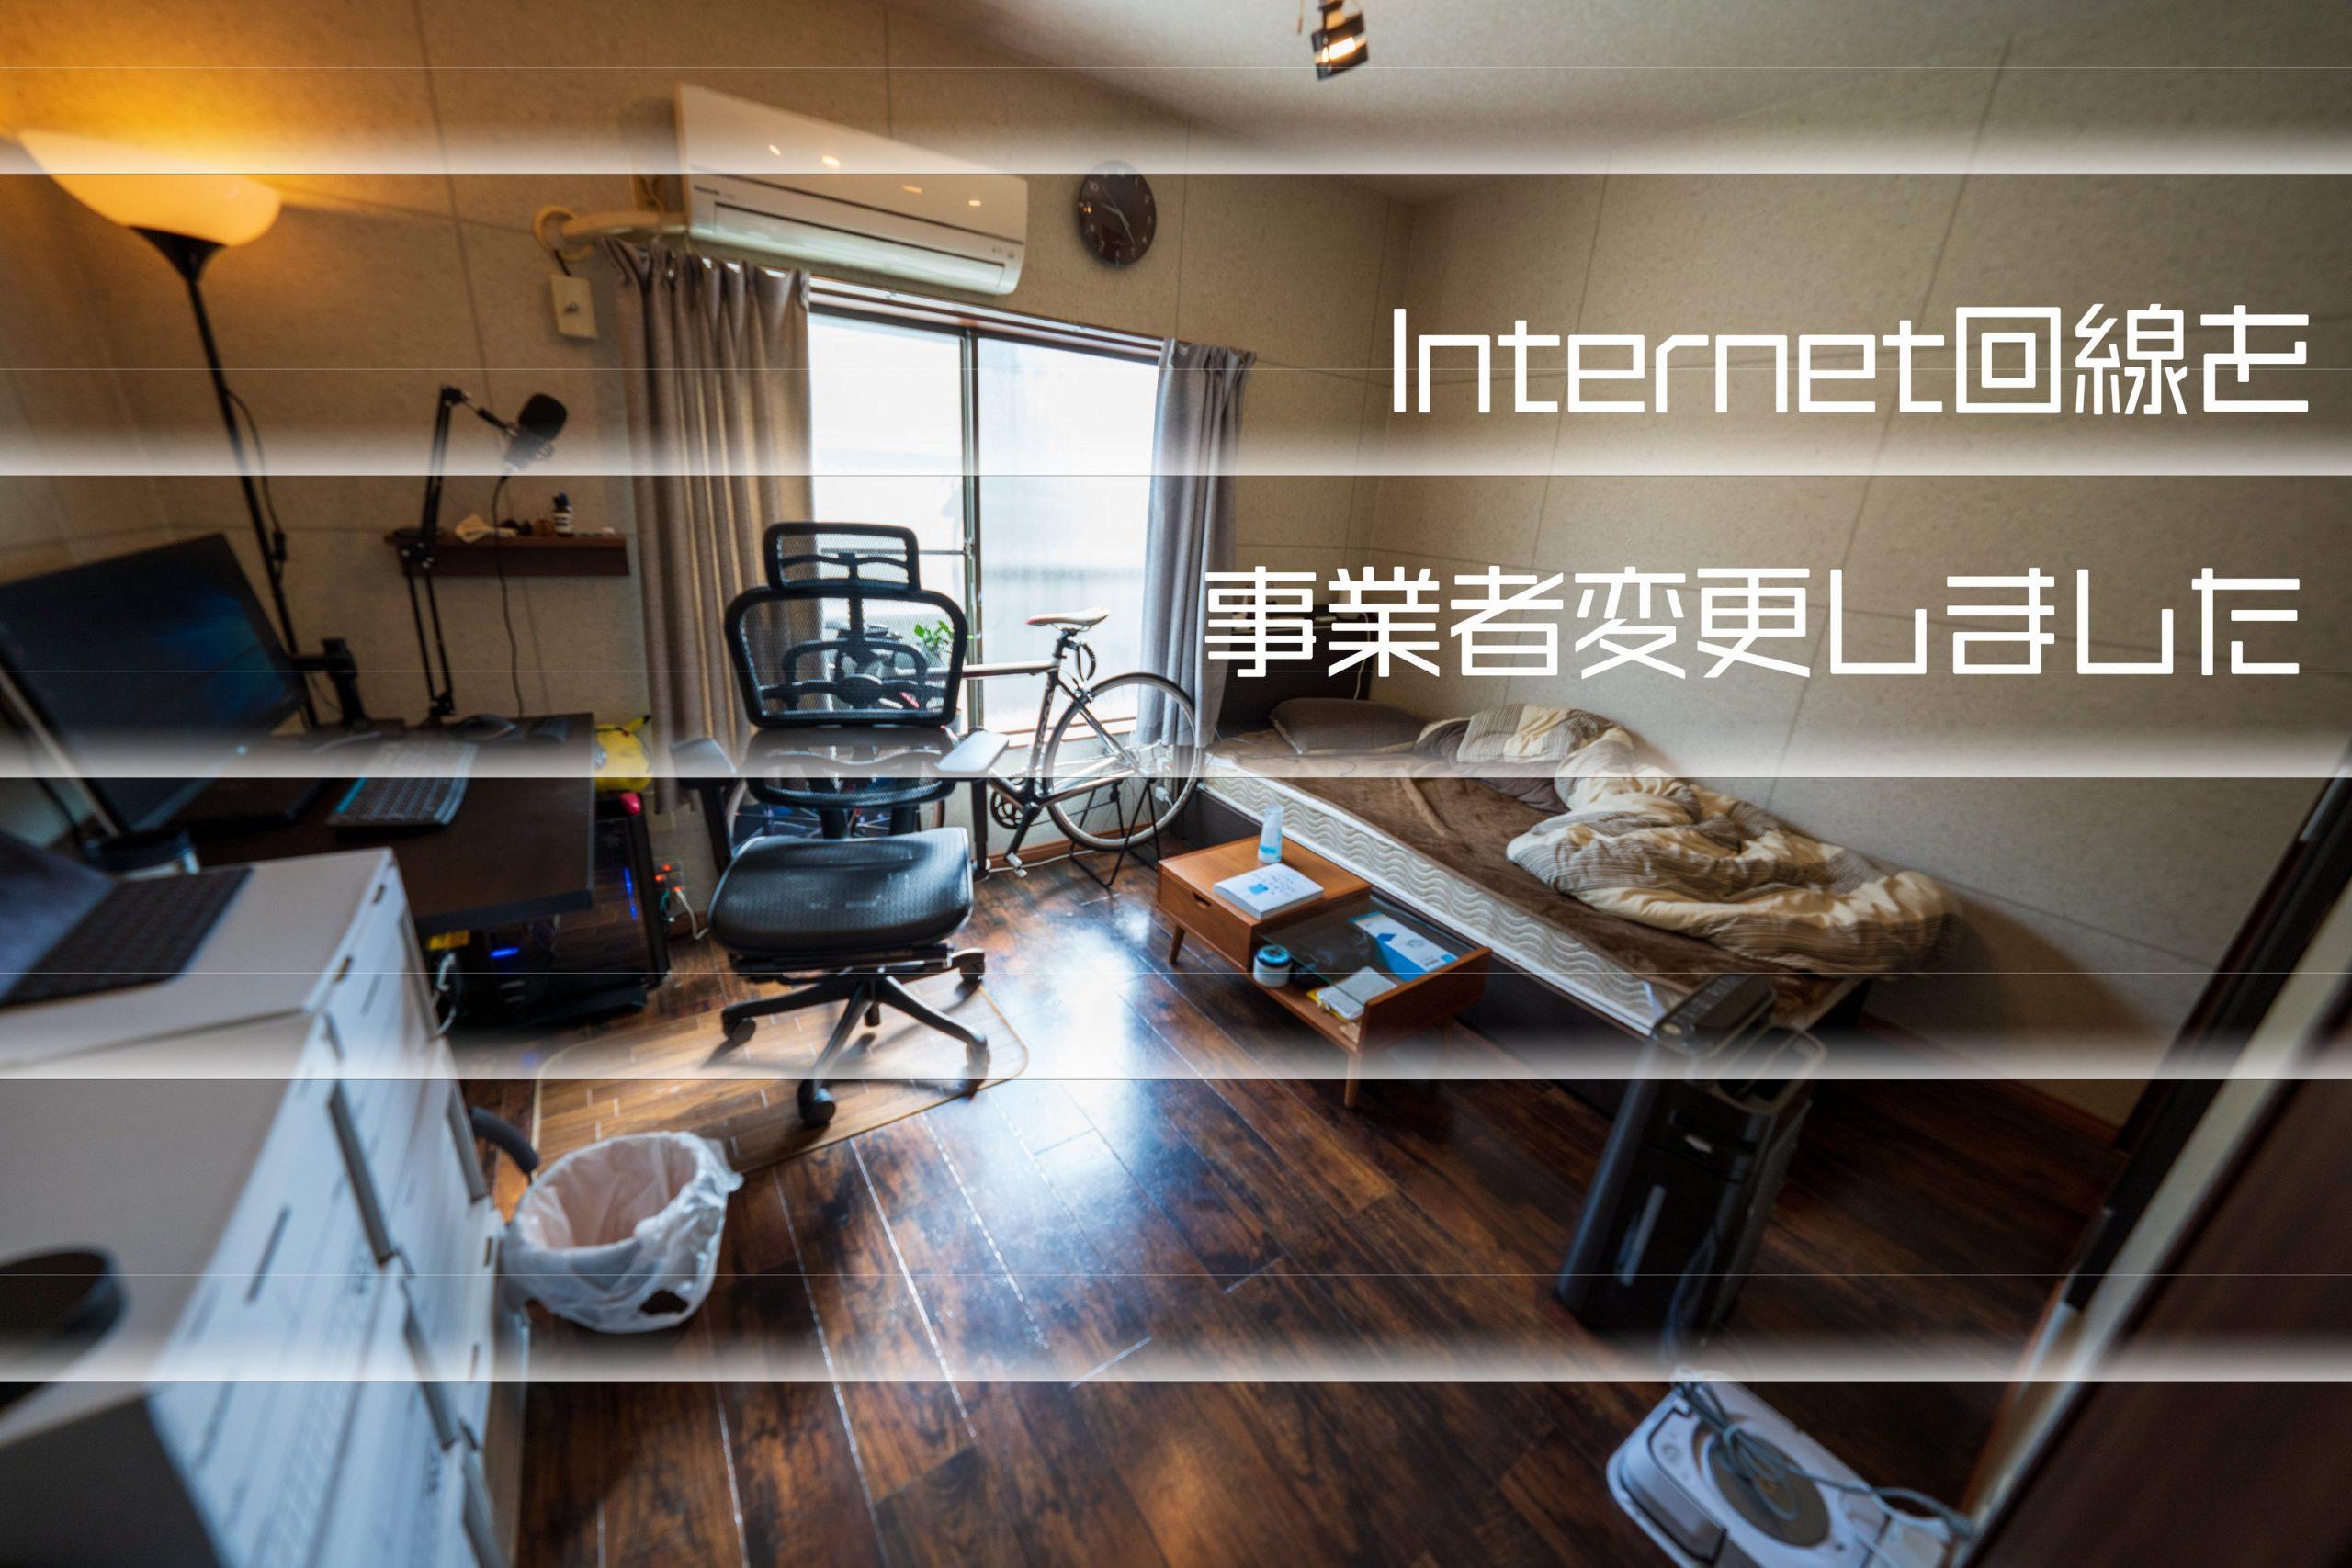 自宅のネット回線をSoftbank光→ドコモ光に切り替えた【事業者変更の流れ】